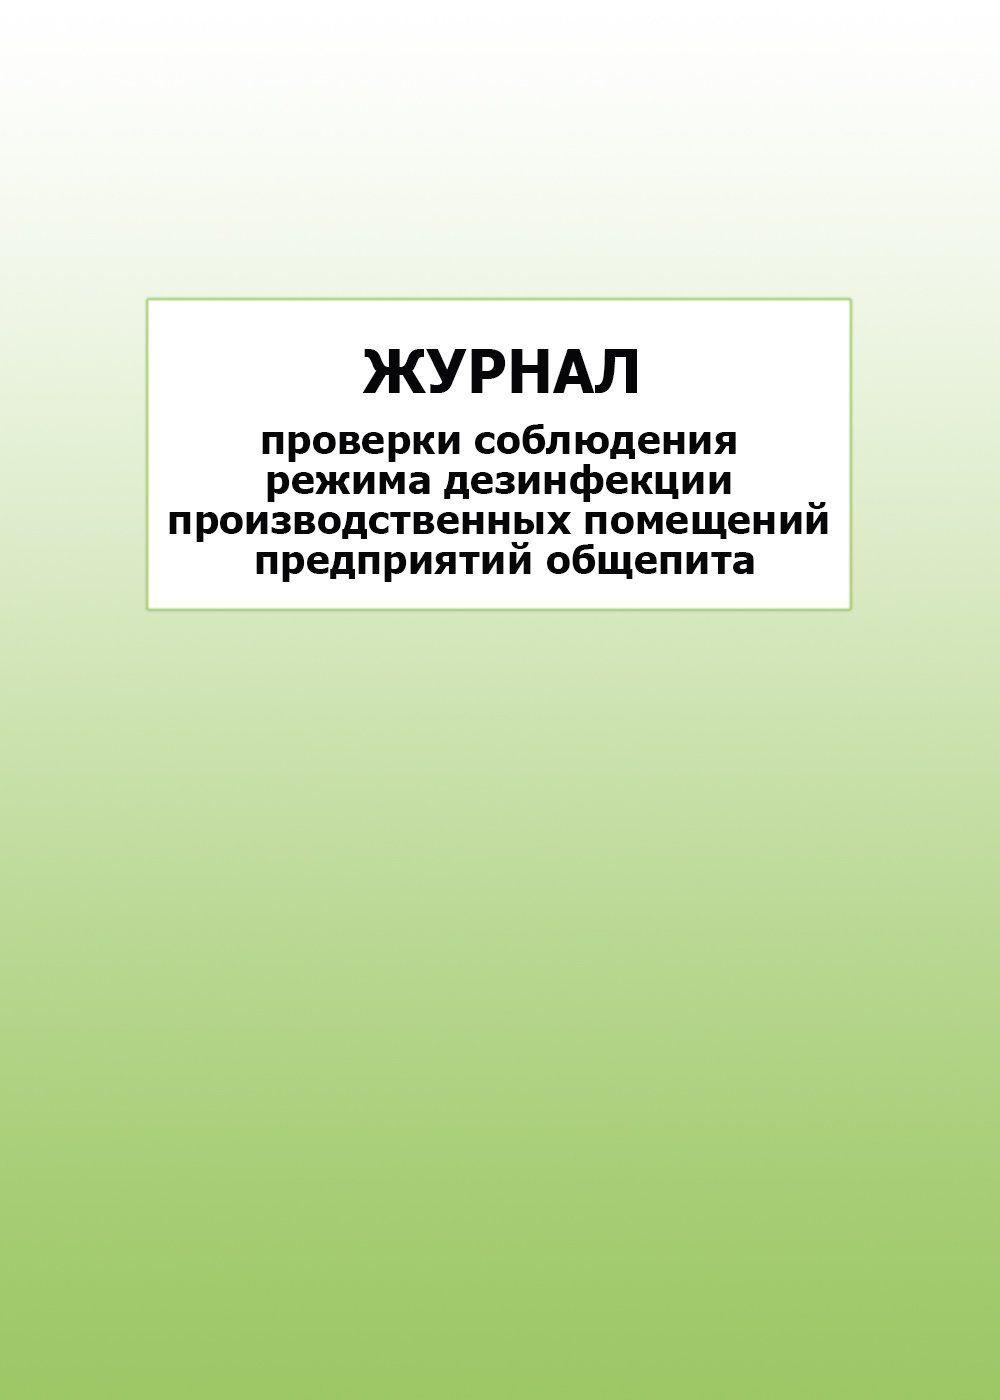 Журнал проверки соблюдения режима дезинфекции производственных помещений предприятий общепита: упаковка 100 шт.